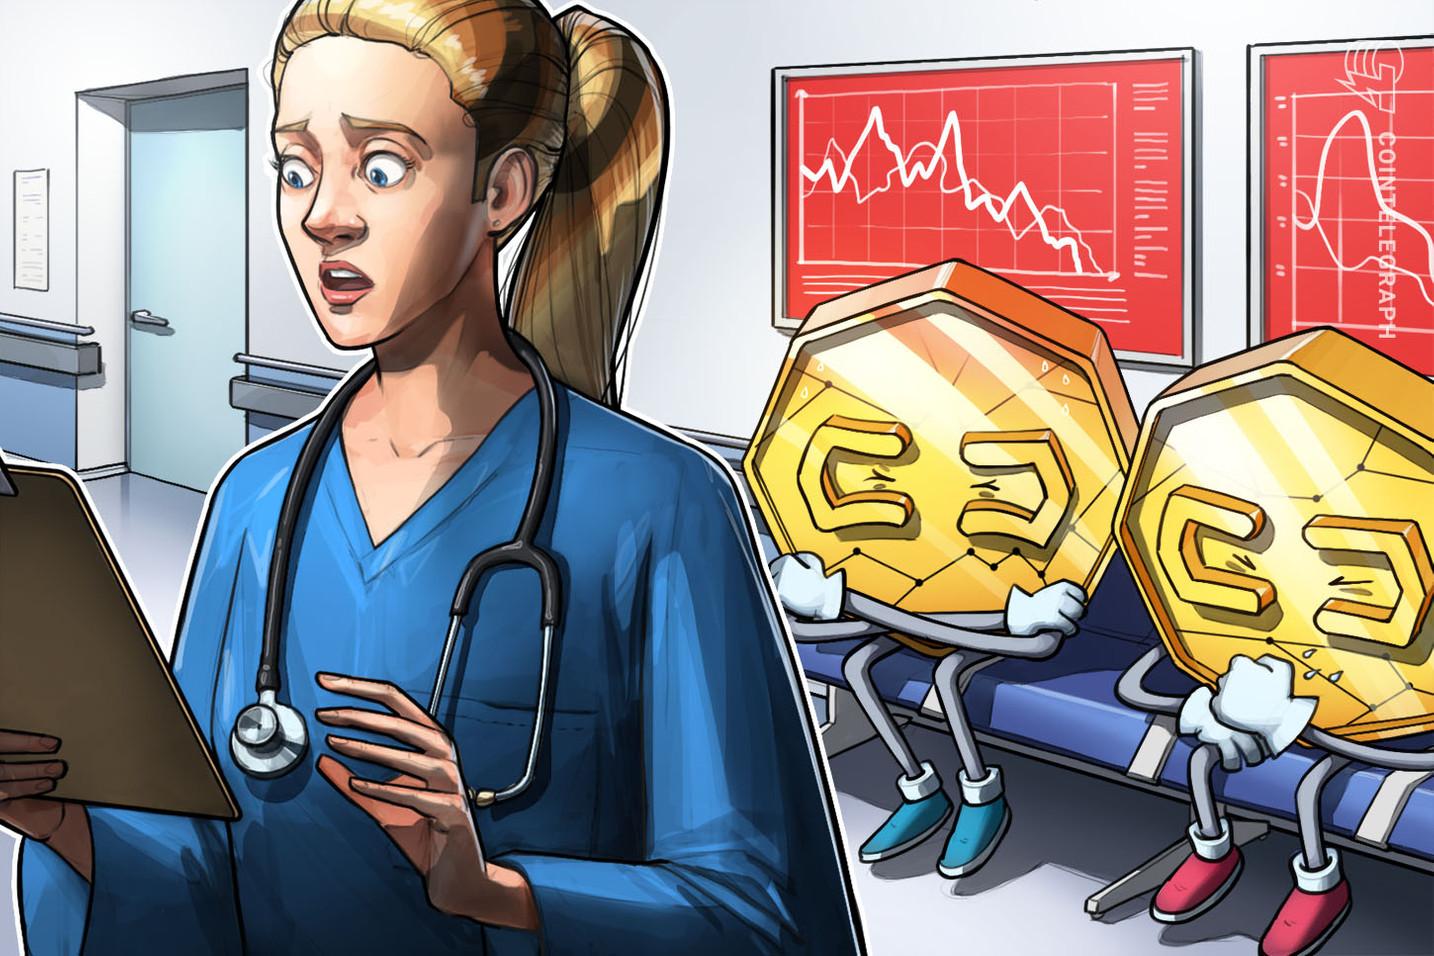 Bitcoin se mantiene sobre USD 7,800 mientras el mercado de valores de EE. UU. tiene una tendencia alcista menor